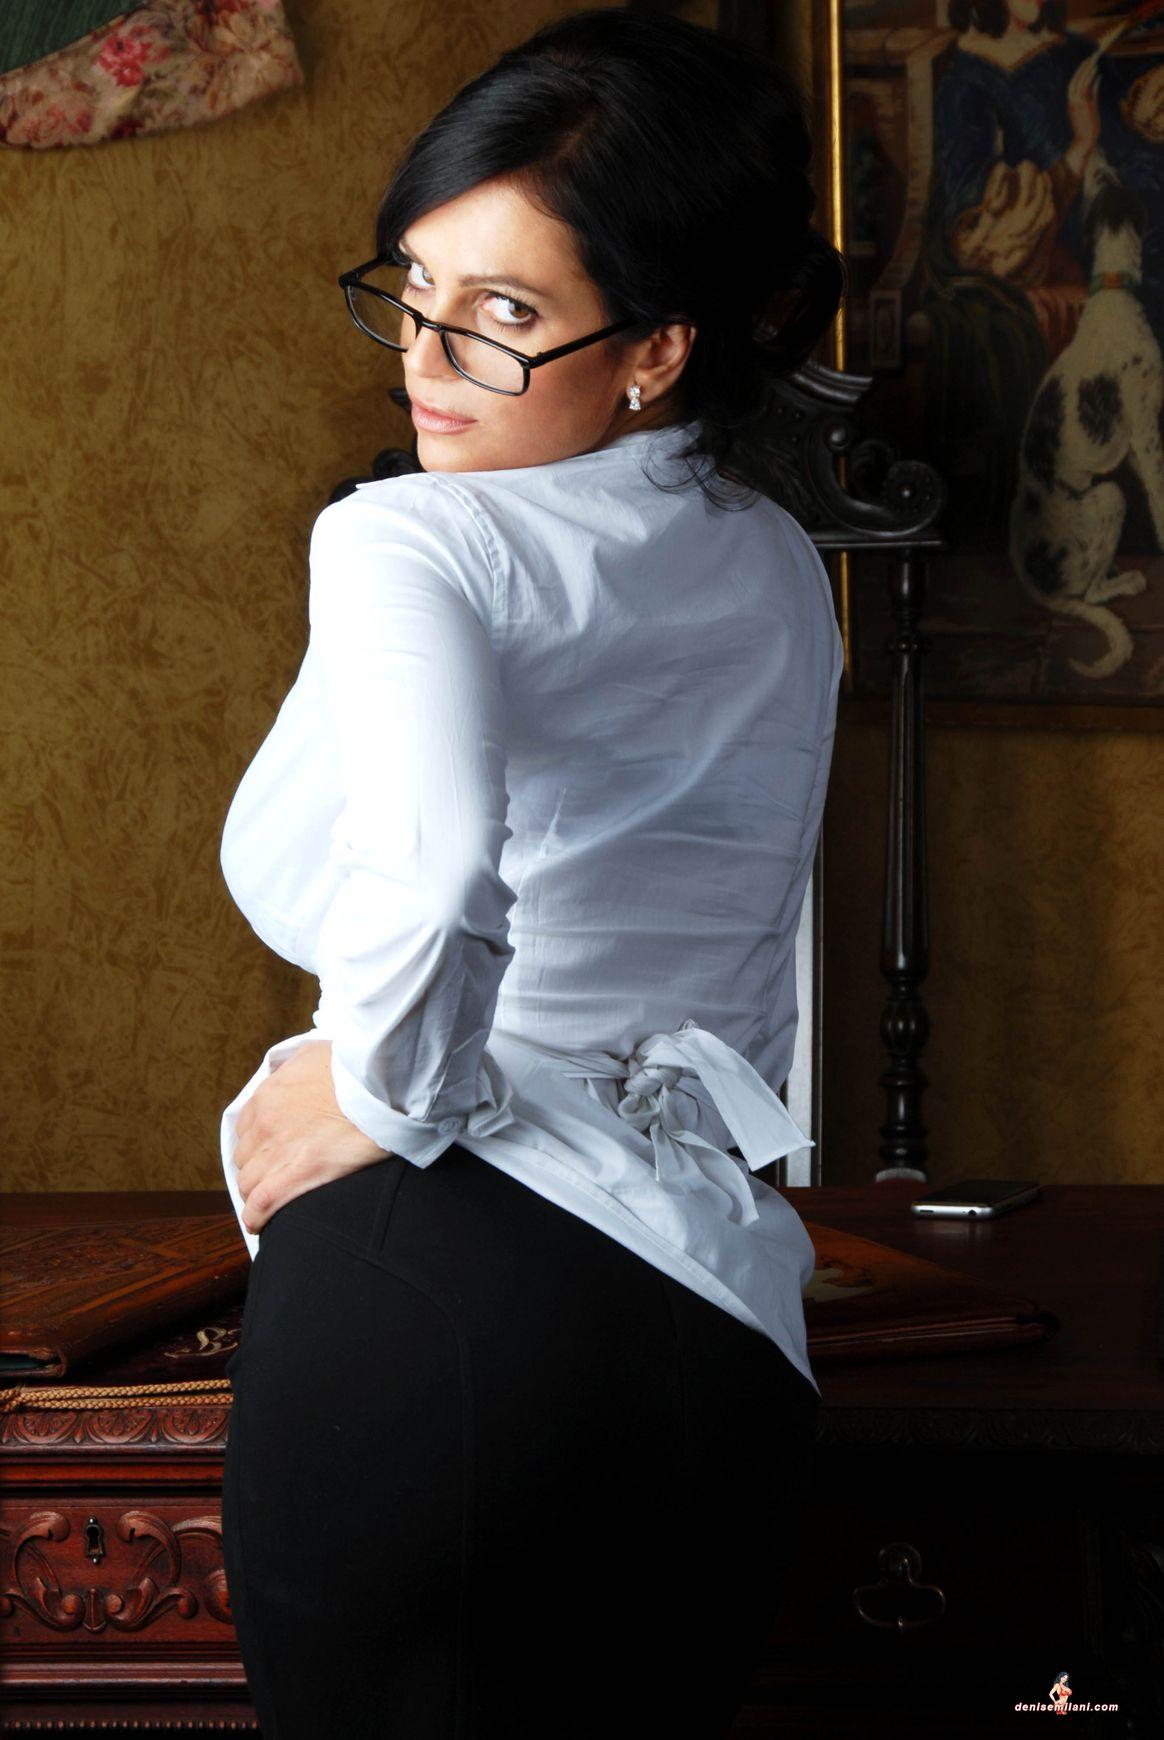 Fotos imperdibles de una secretaria sexy